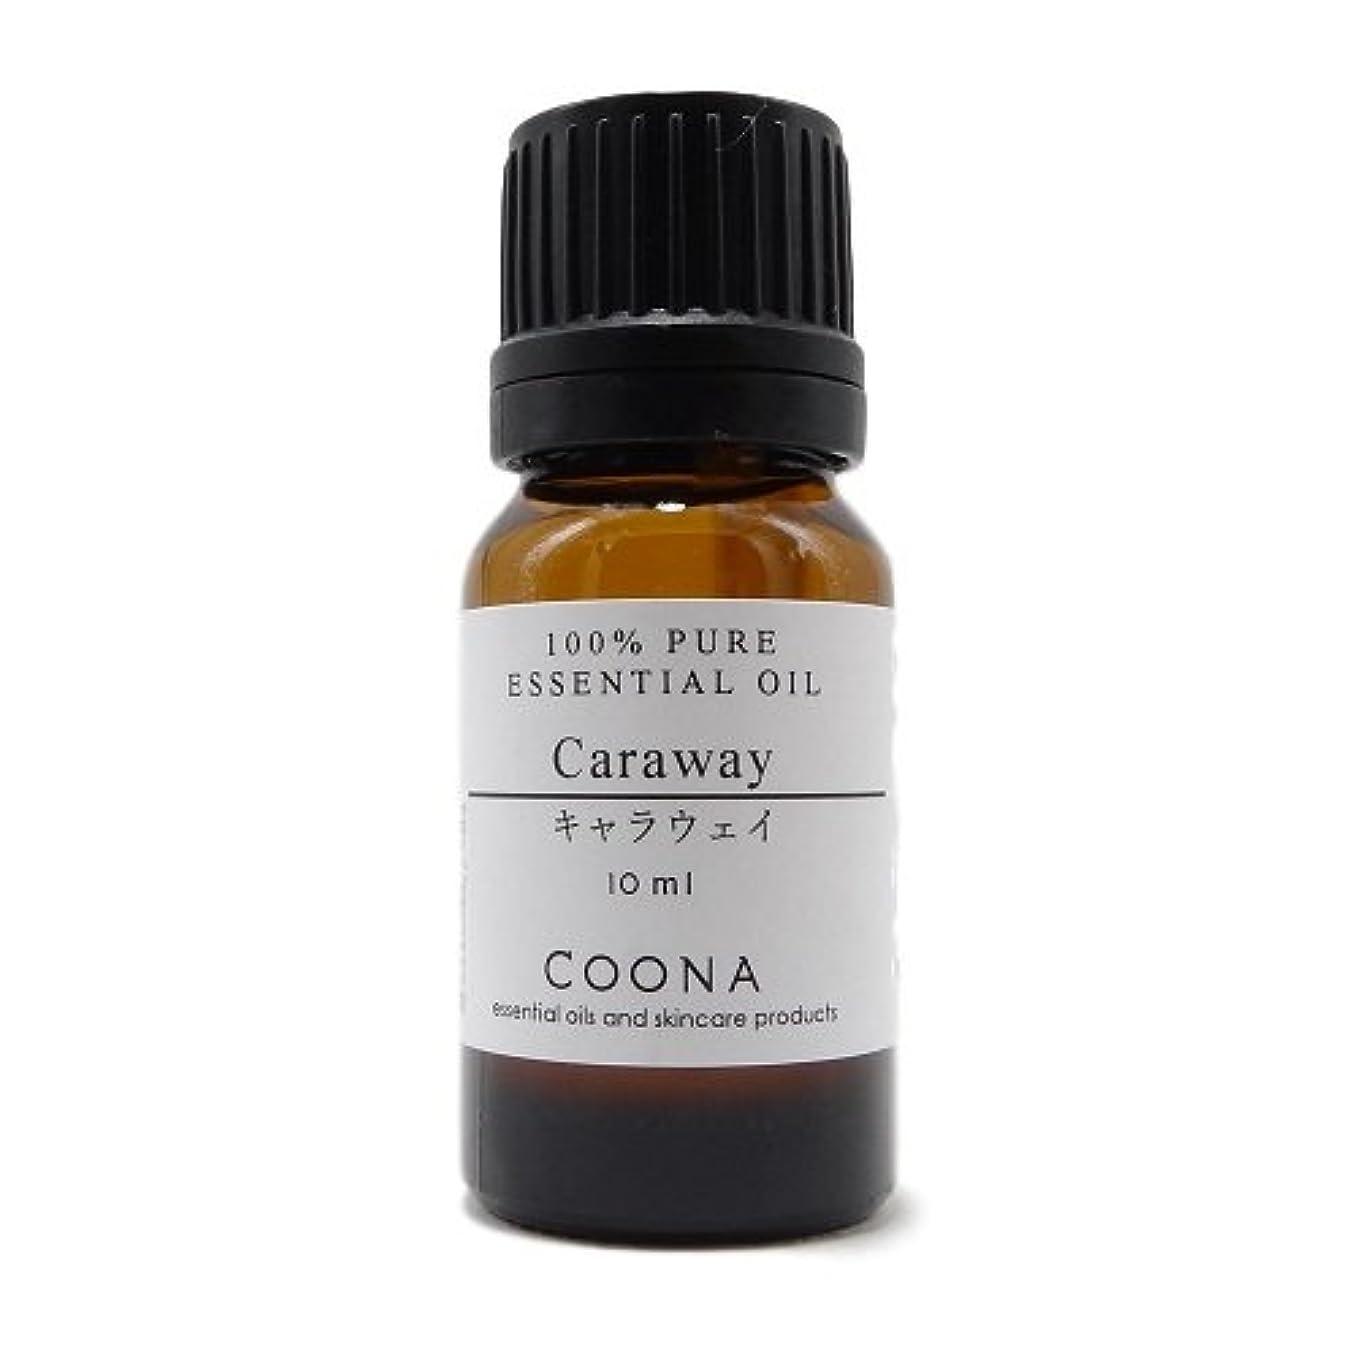 寄付引き出すポールキャラウェイ 10 ml (COONA エッセンシャルオイル アロマオイル 100%天然植物精油)